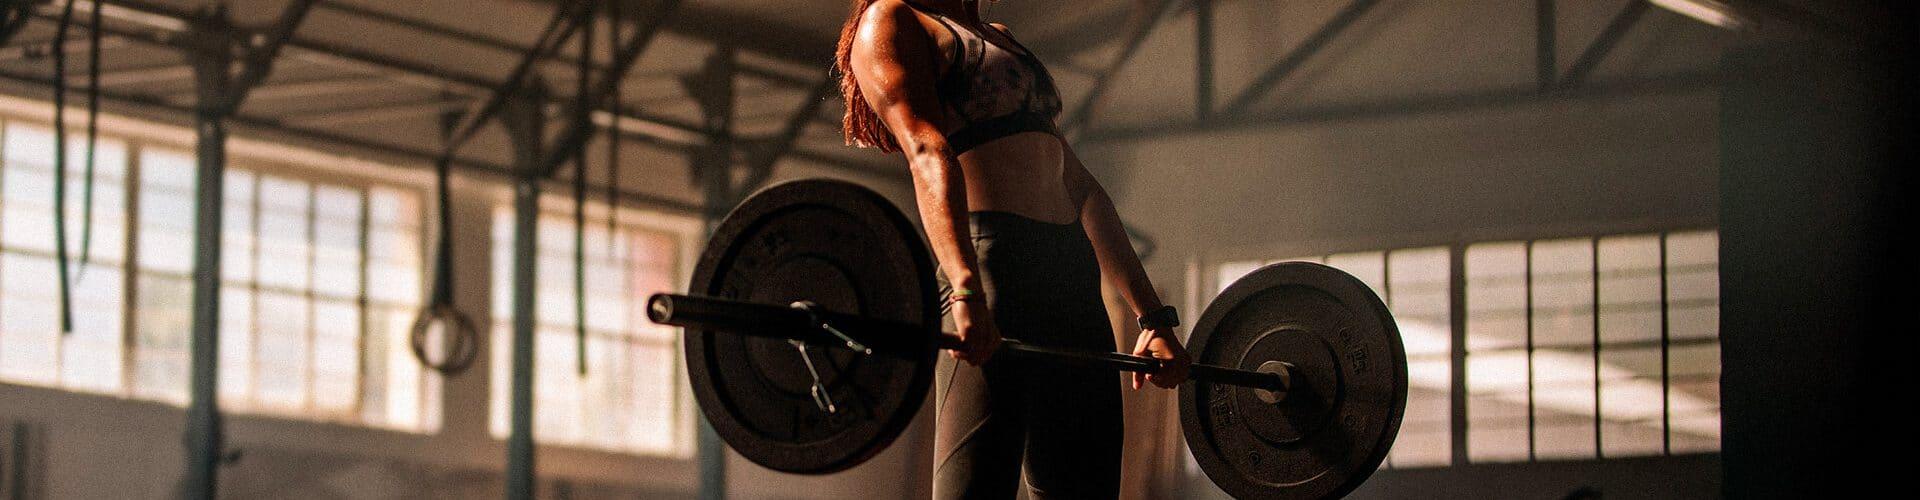 O whey protein tem benefícios que vão além do ganho de massa muscular